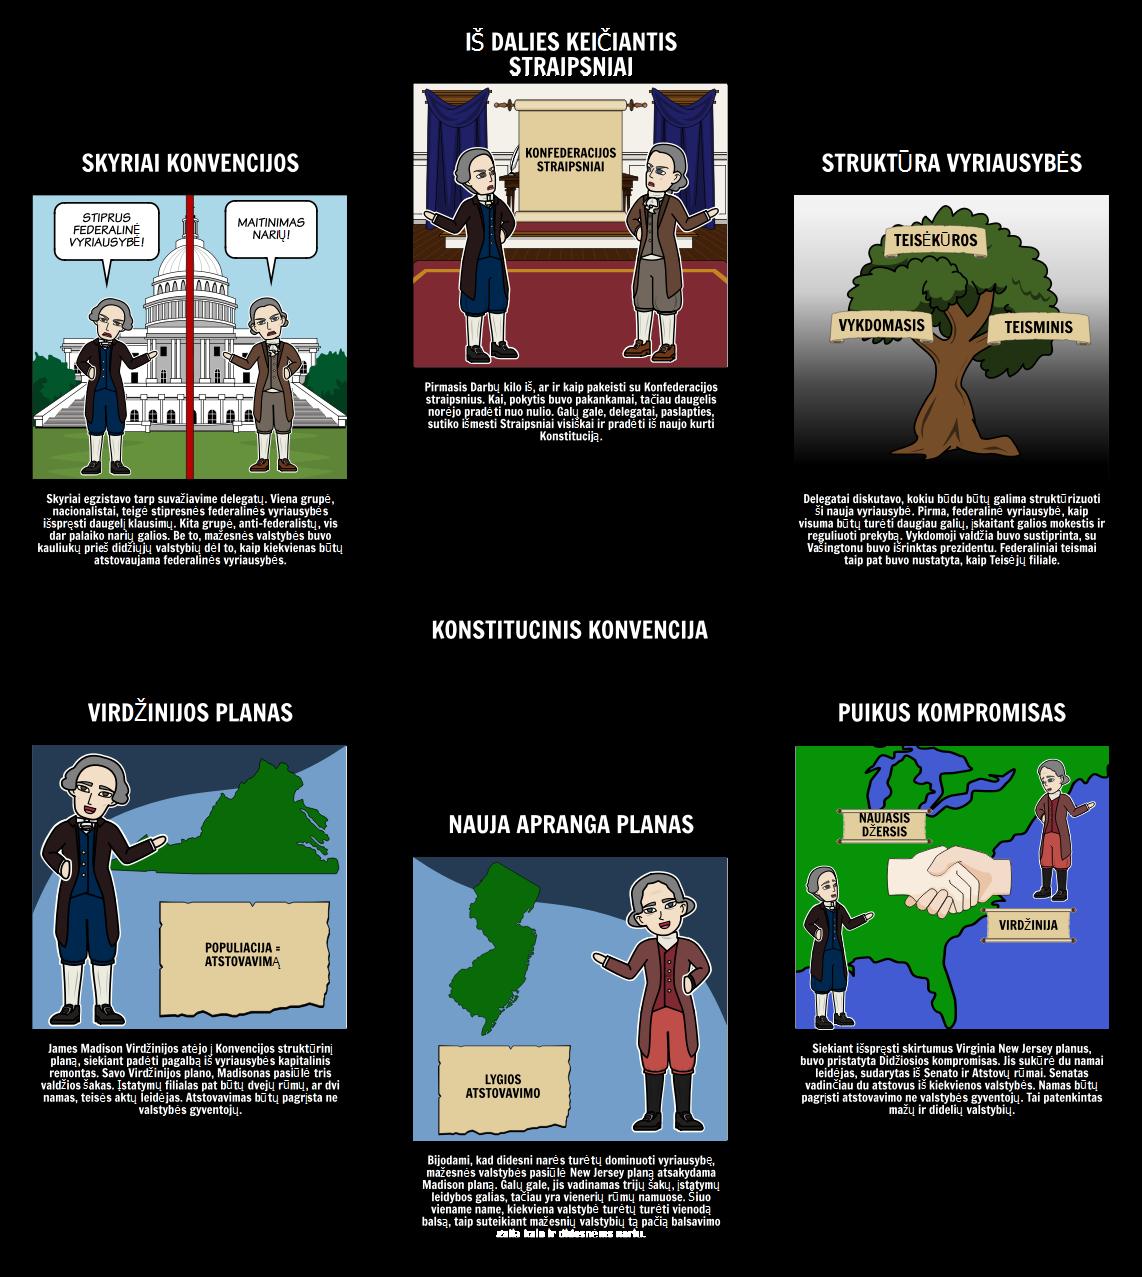 Federalizmas - Konstitucinis Konvencija